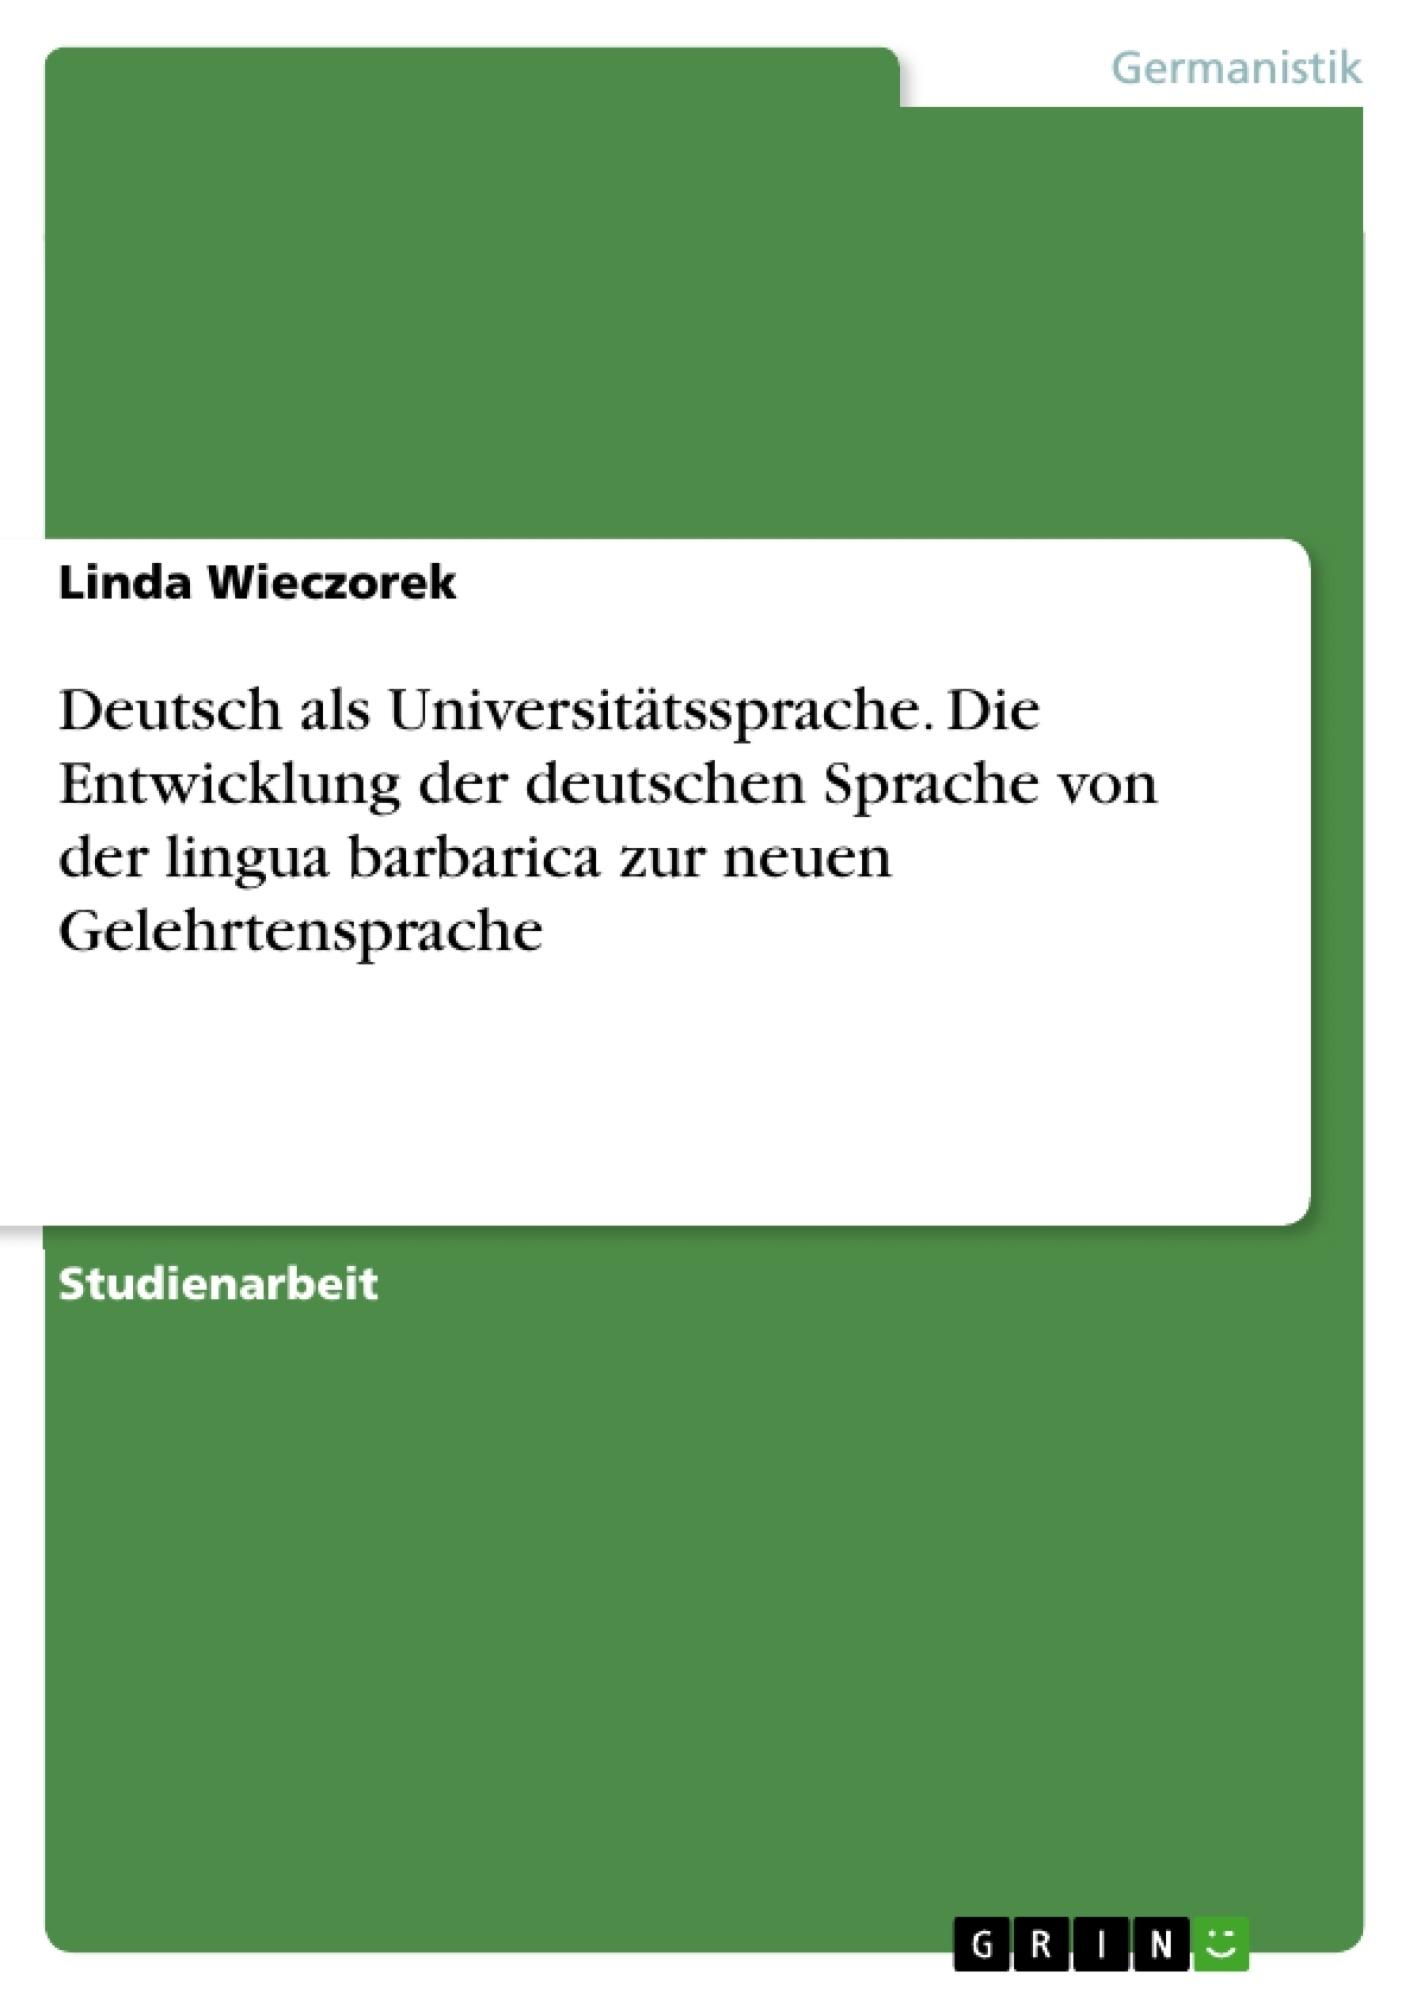 Titel: Deutsch als Universitätssprache. Die Entwicklung der deutschen Sprache von der lingua barbarica zur neuen Gelehrtensprache